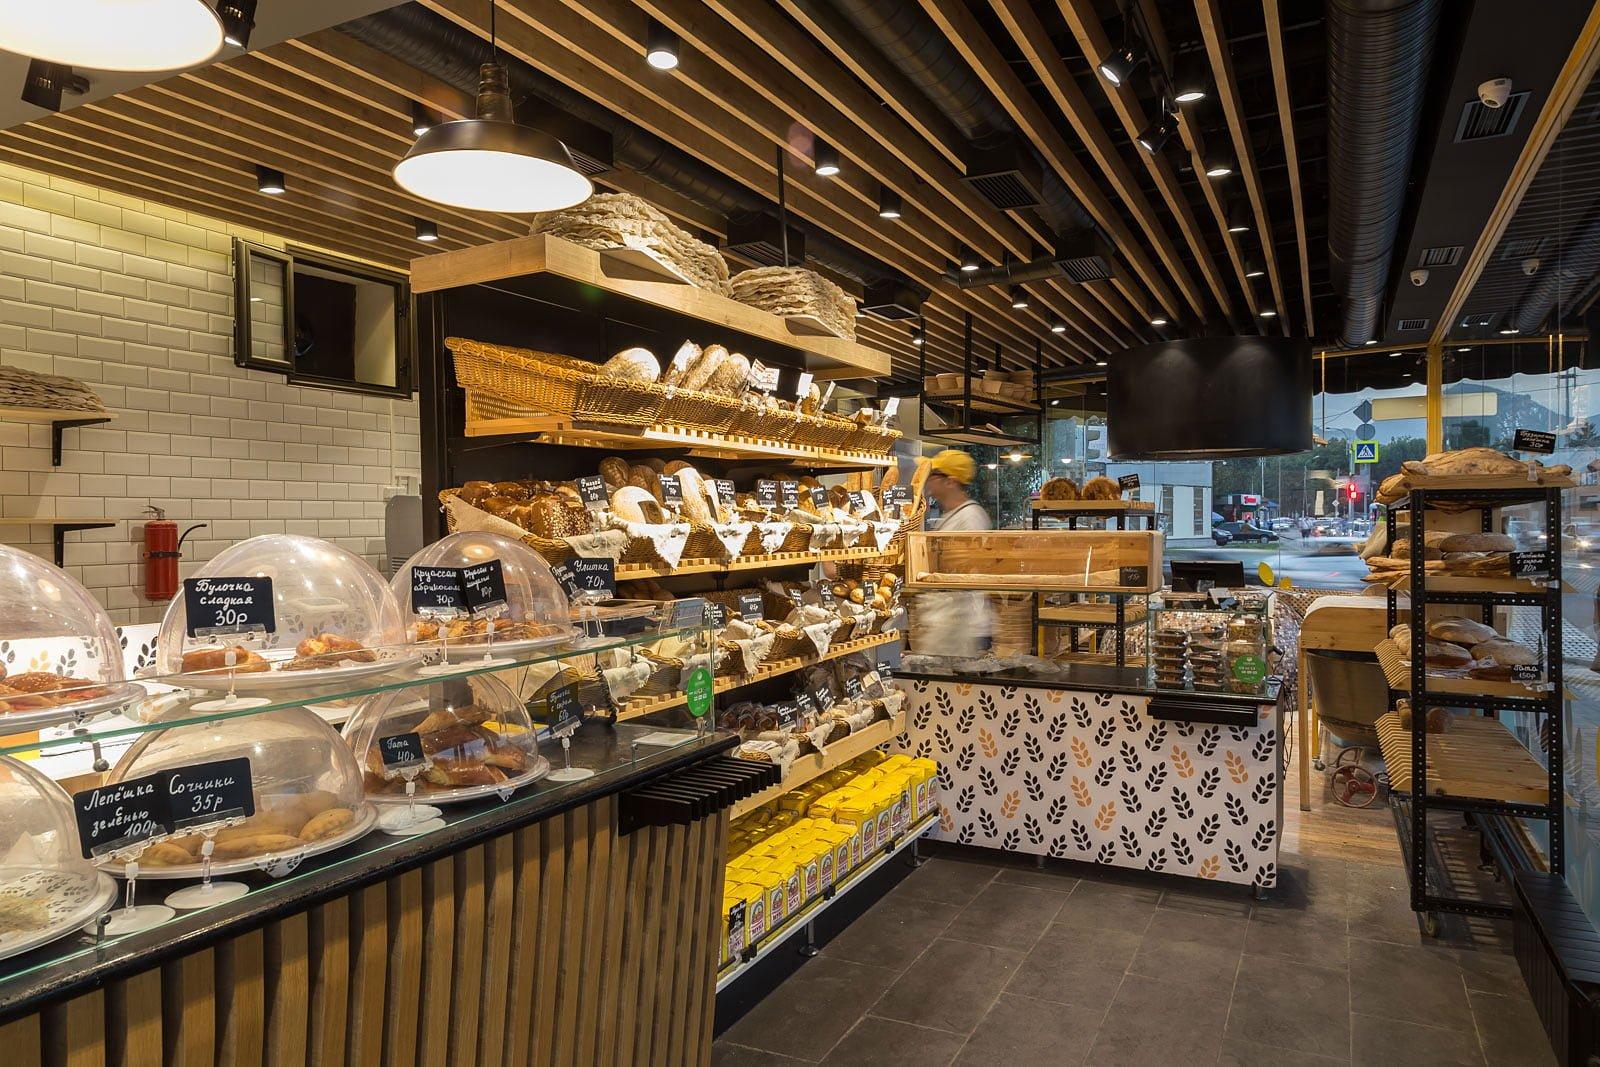 foto torgovogo zala kafe v pekarne s stellazhami i prilavkami gotovoy produktsii